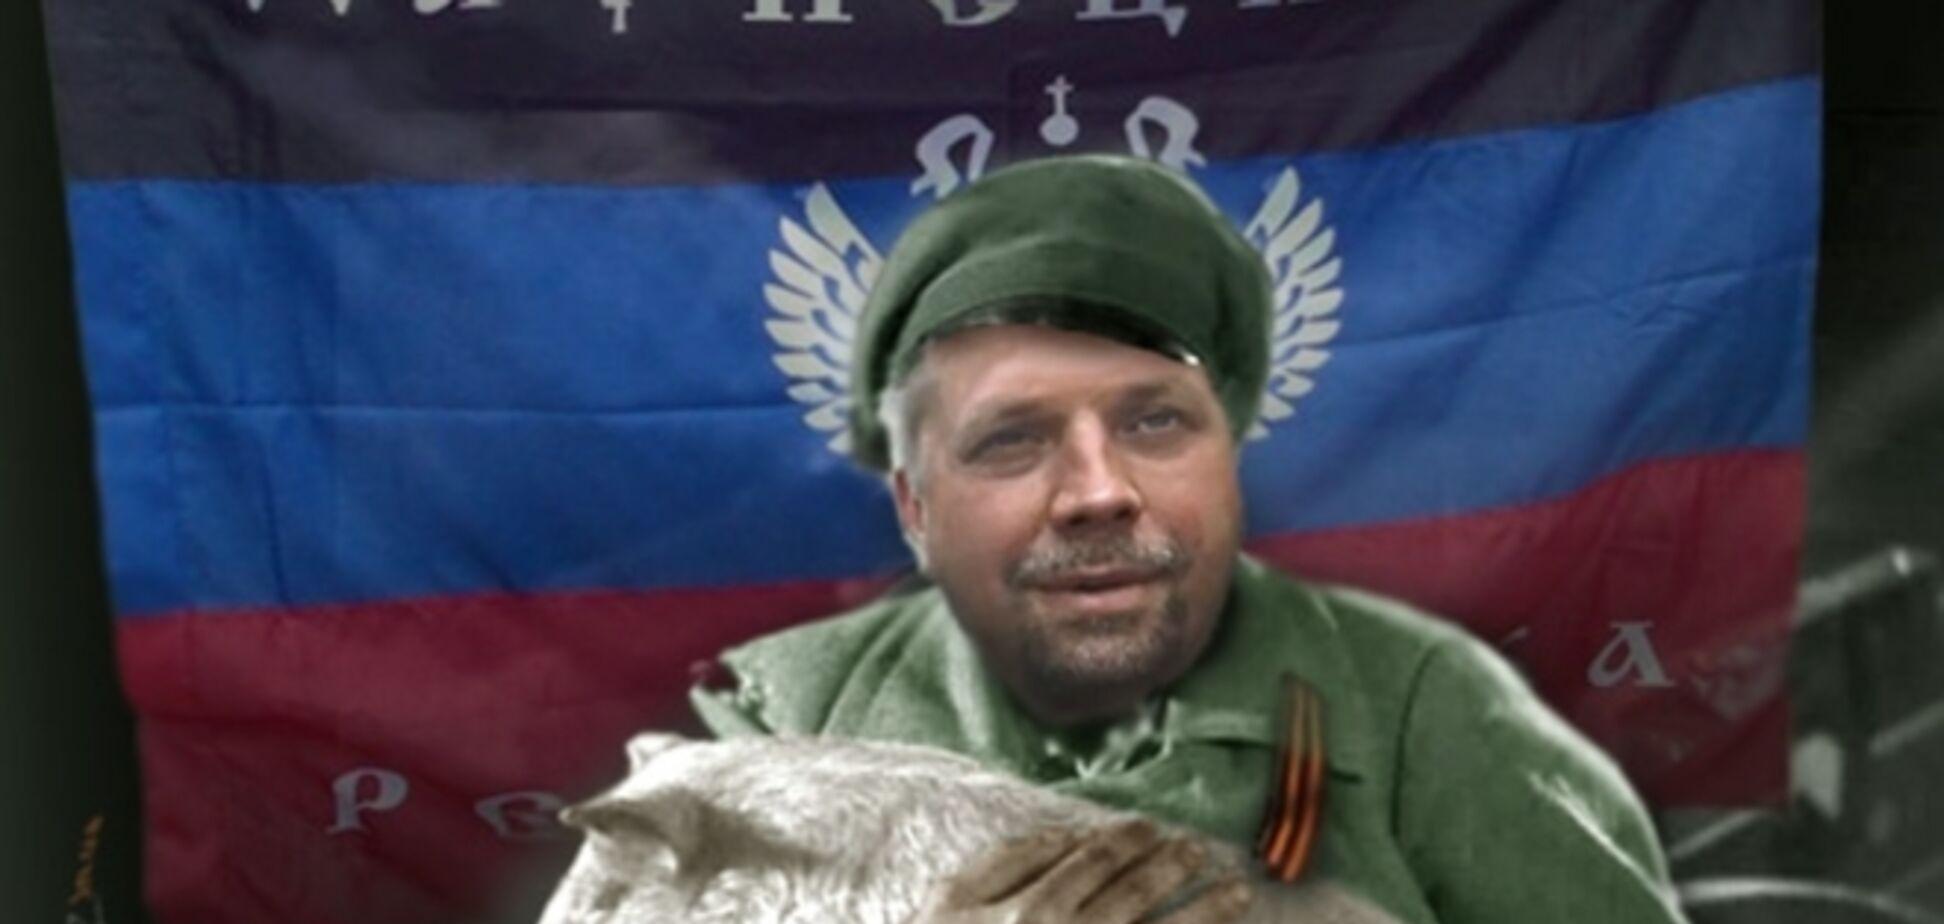 Появилась новая подборка фотожаб про 'ДНР' и игорный Крым